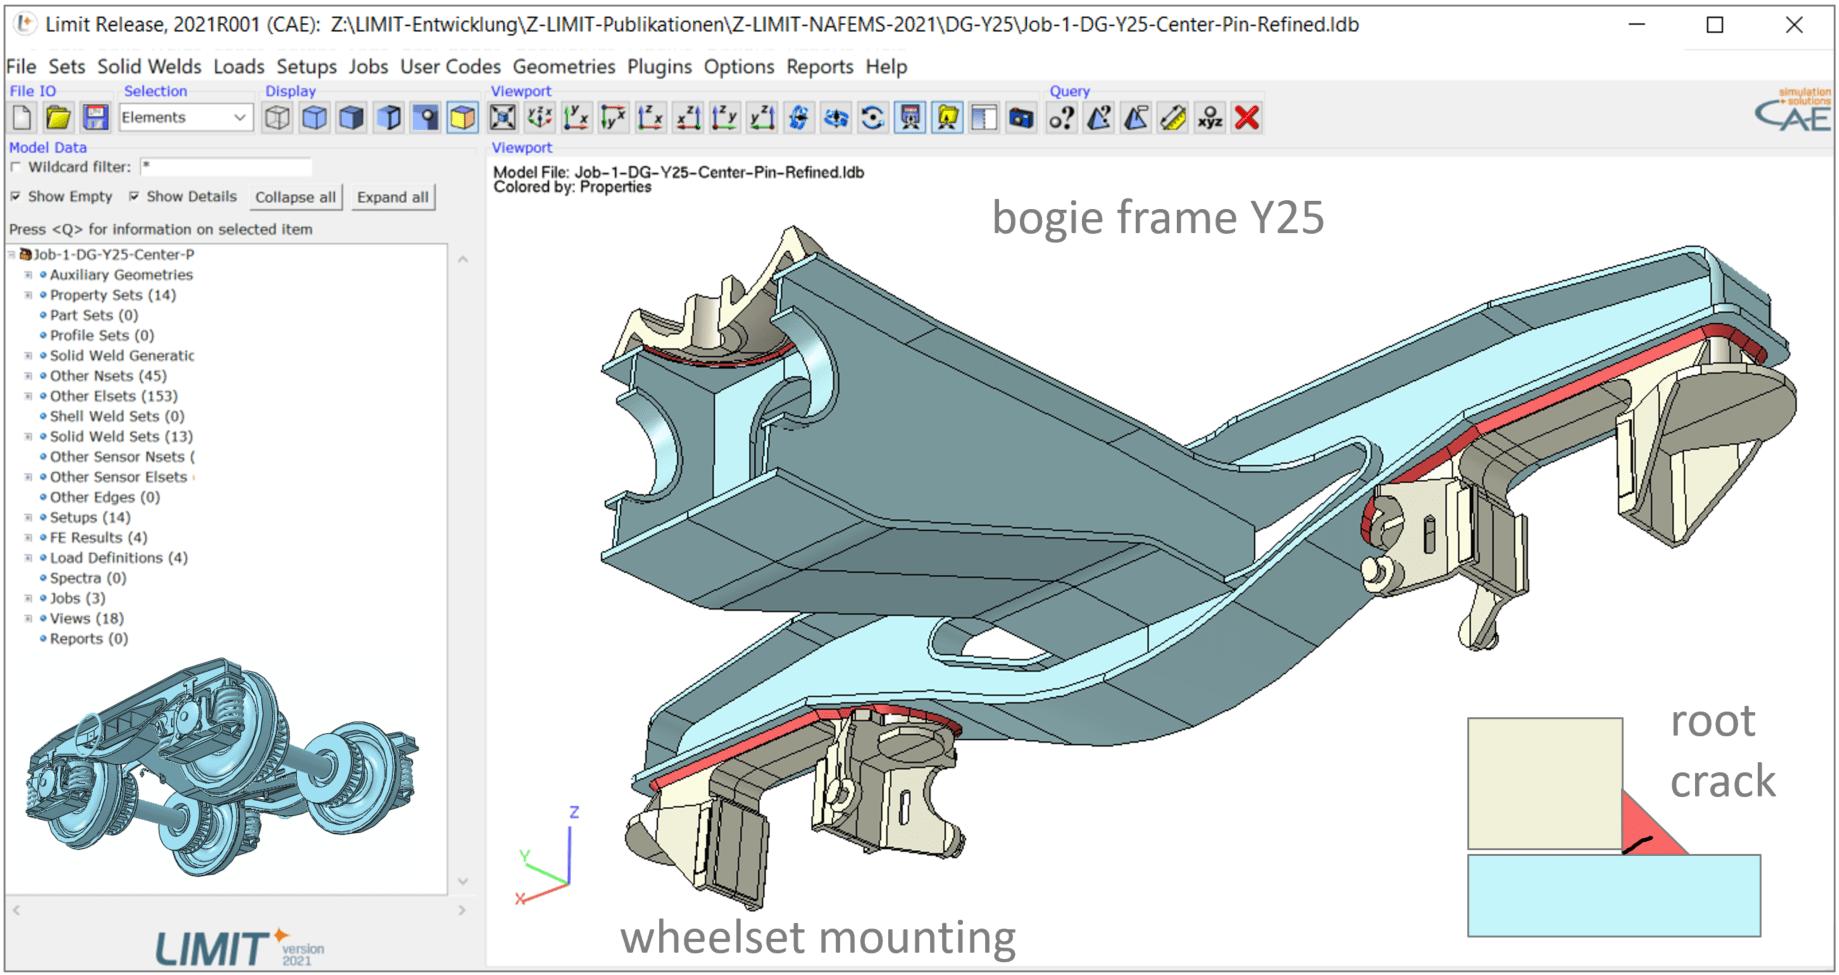 Fillet welds on bogie frame